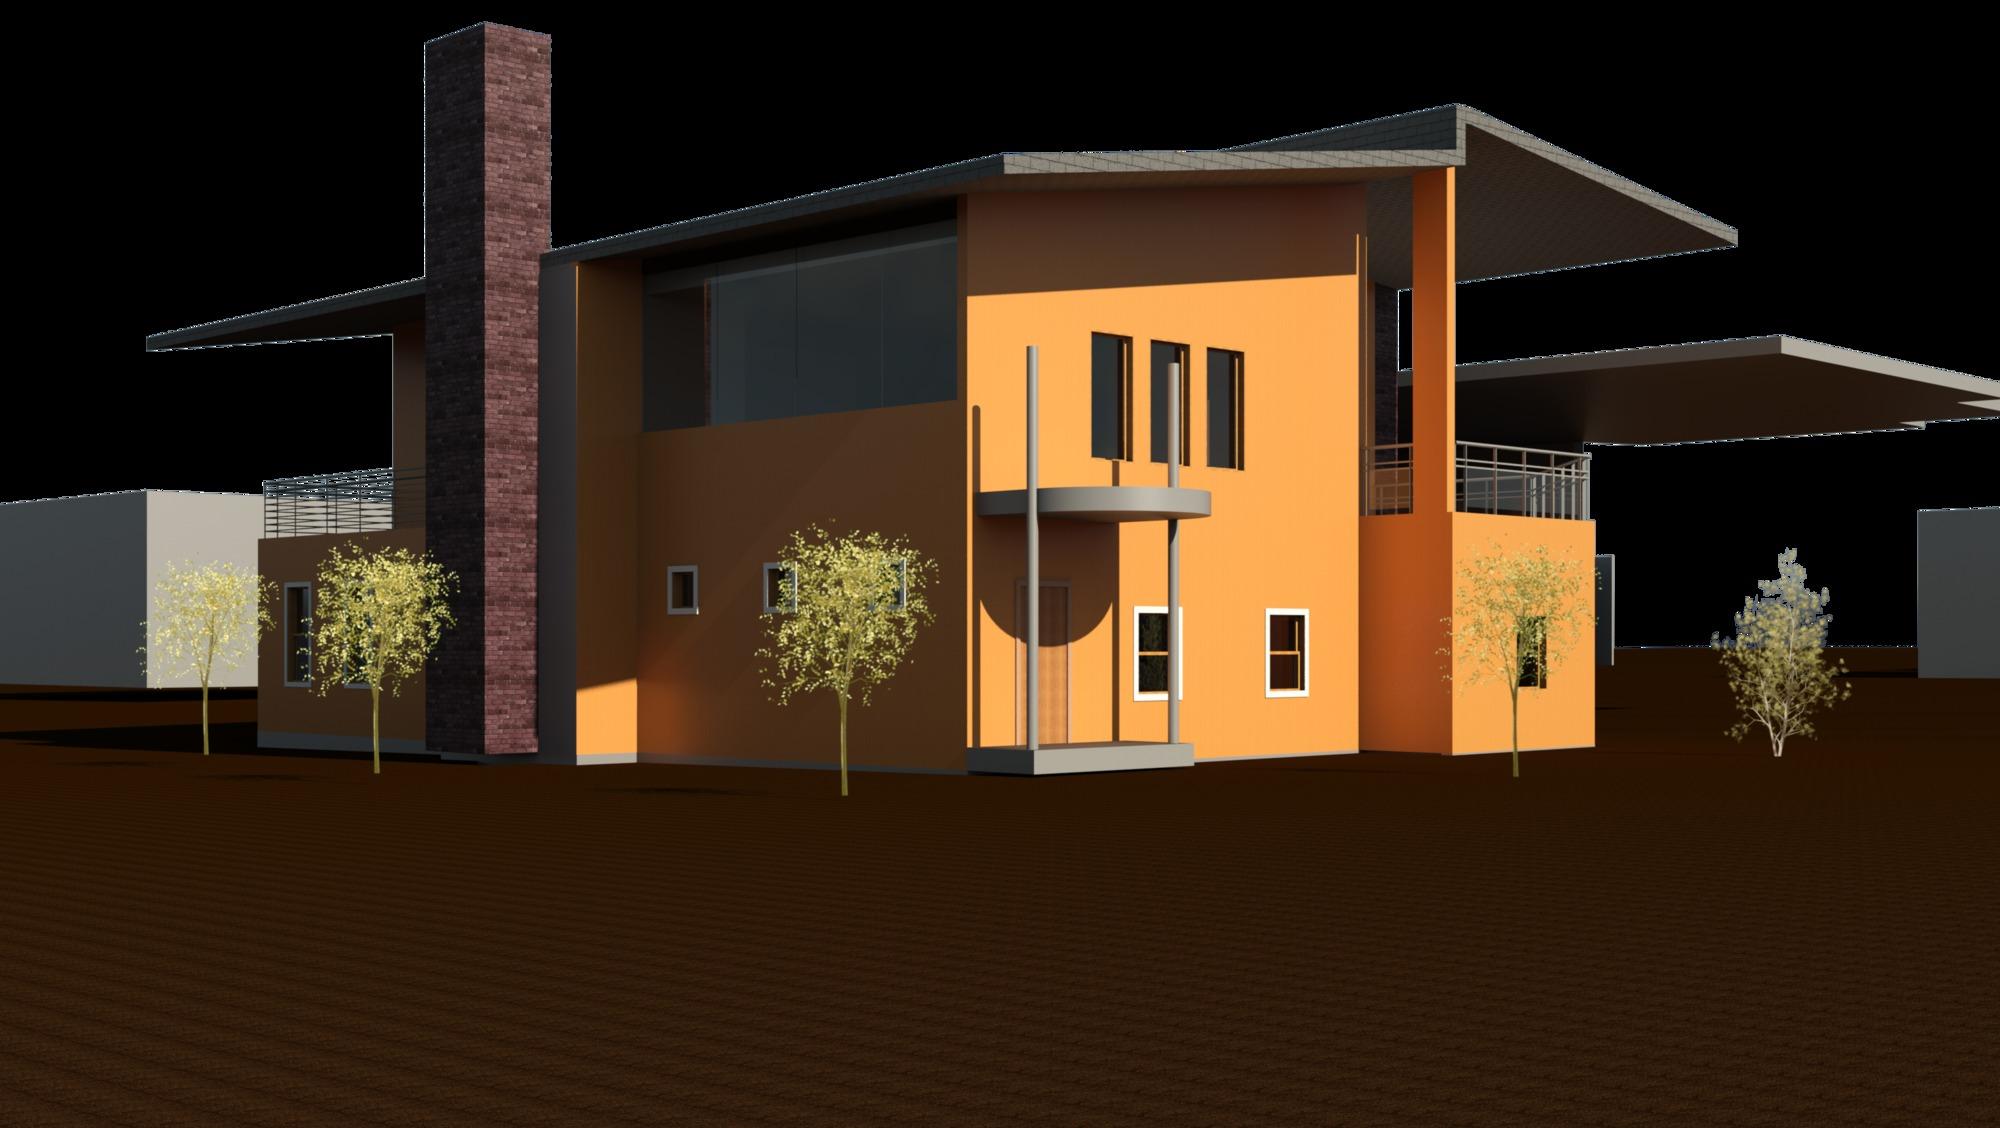 Raas-rendering20141104-23079-1qxm44f